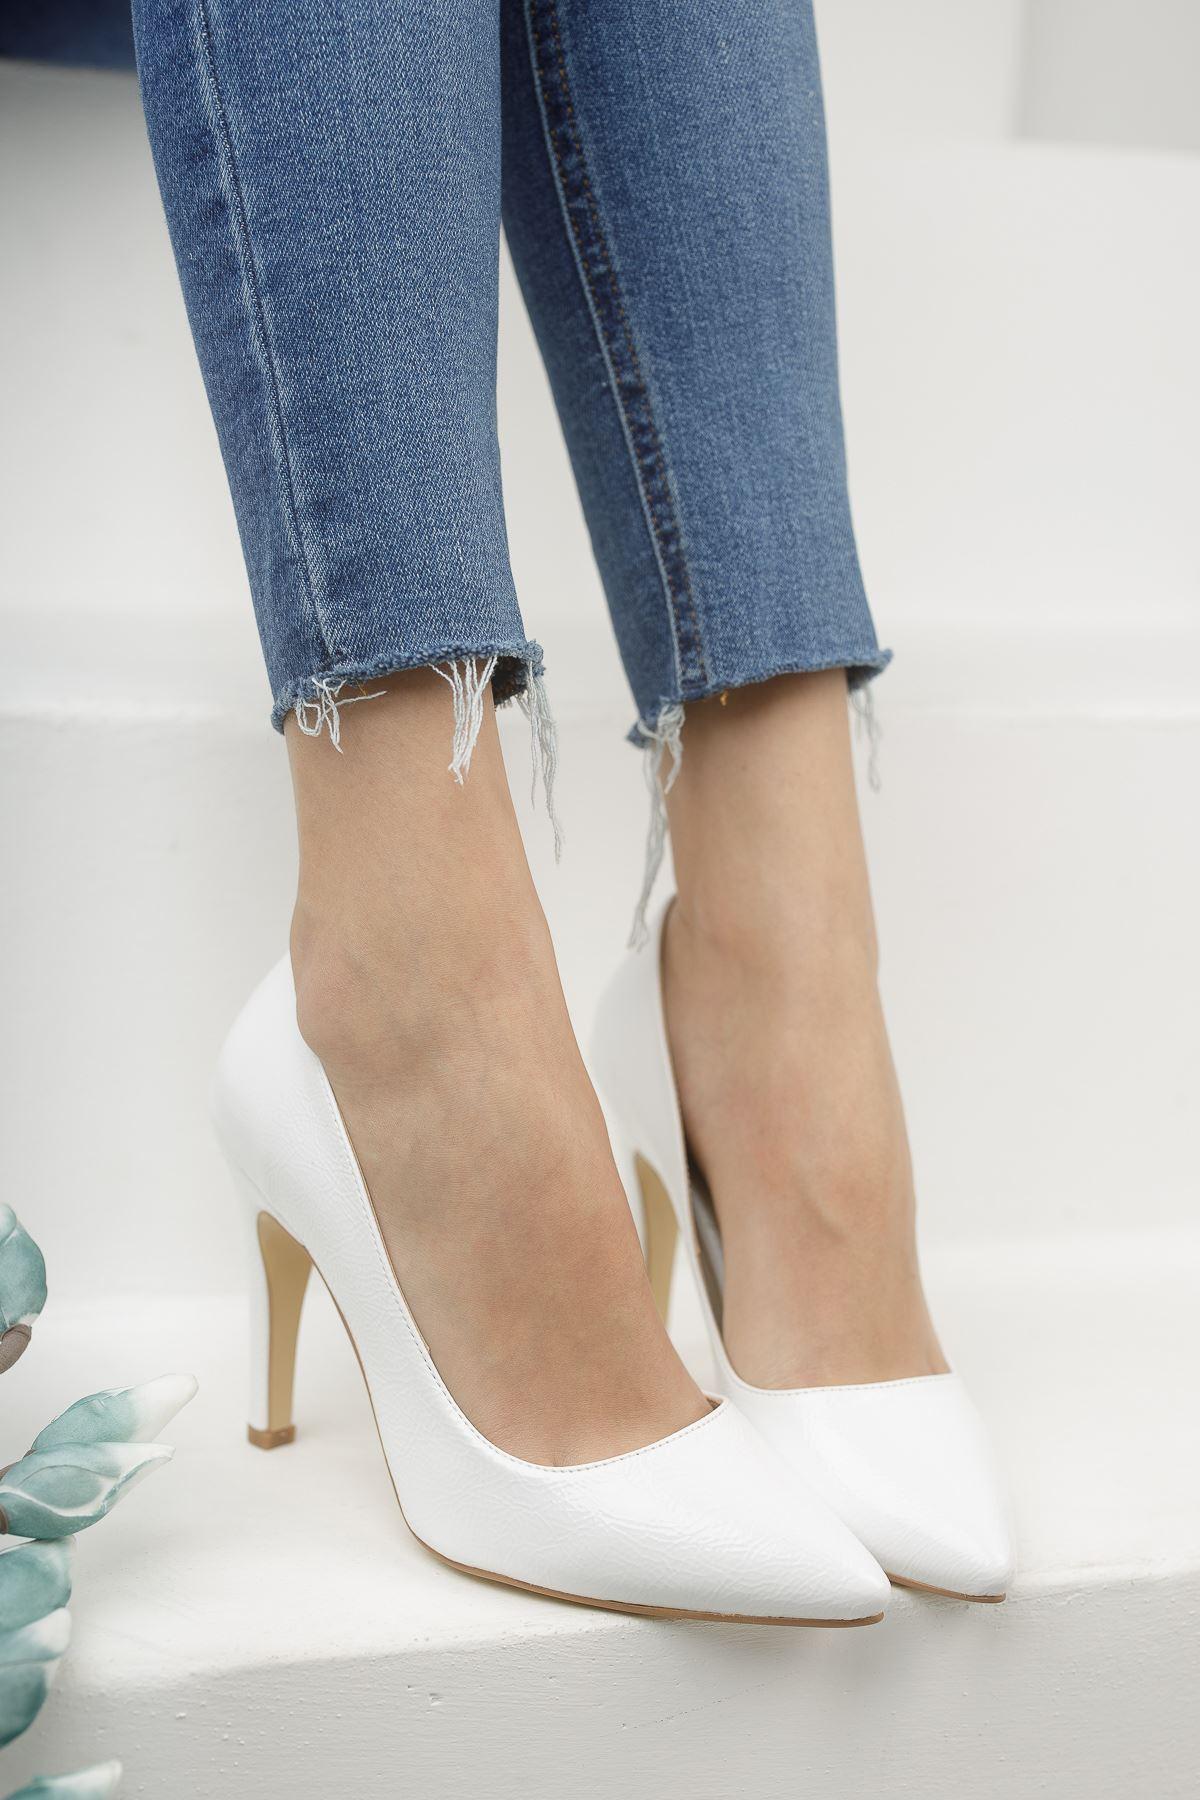 Mariam Beyaz Kırışık Rugan Yüksek Topuklu Stiletto